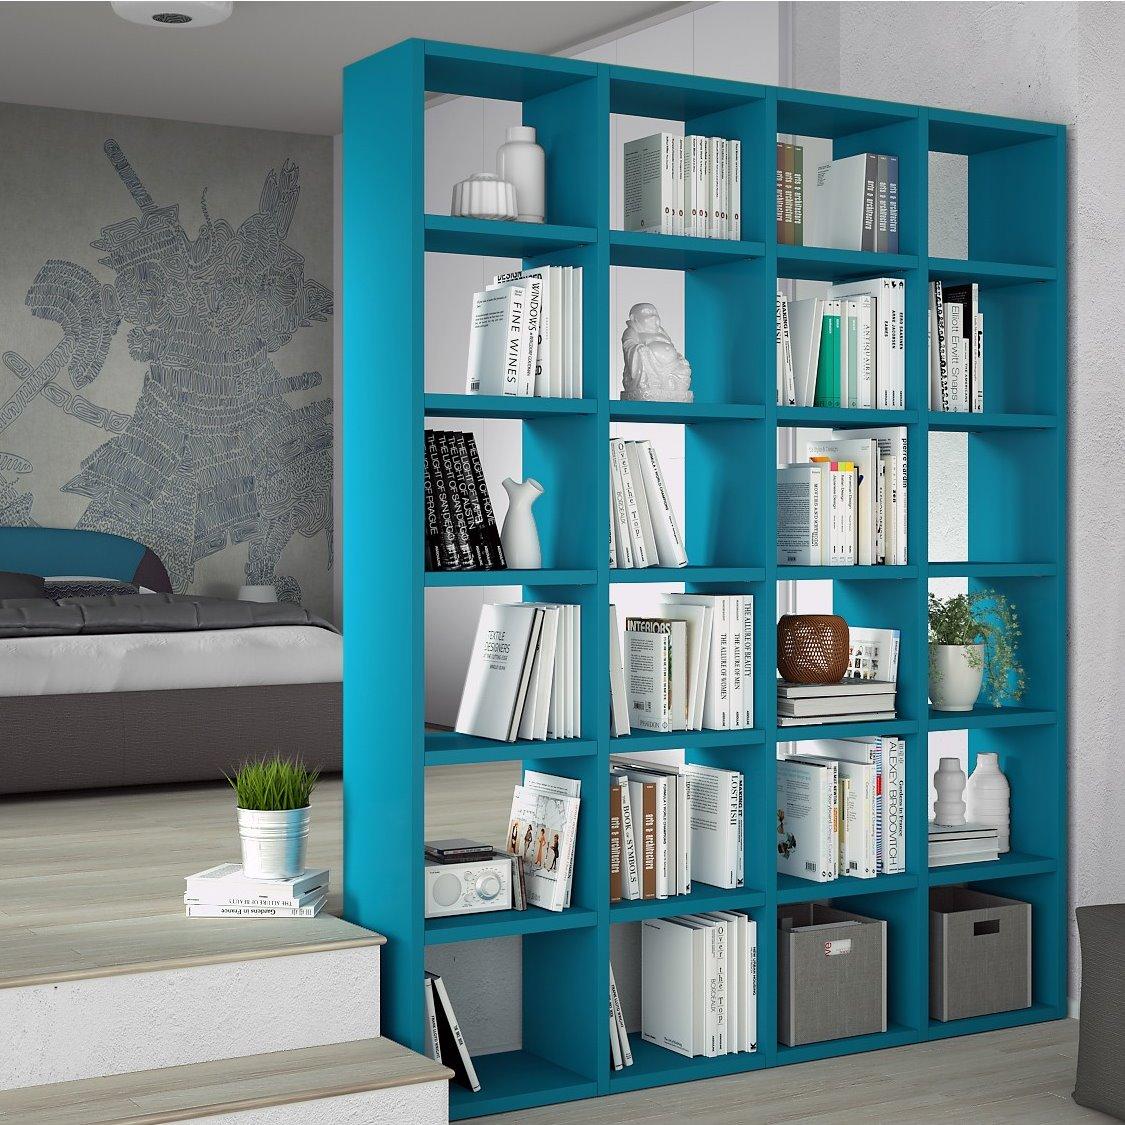 Arredaclick blog come separare gli ambienti senza muri for Pareti per dividere una stanza